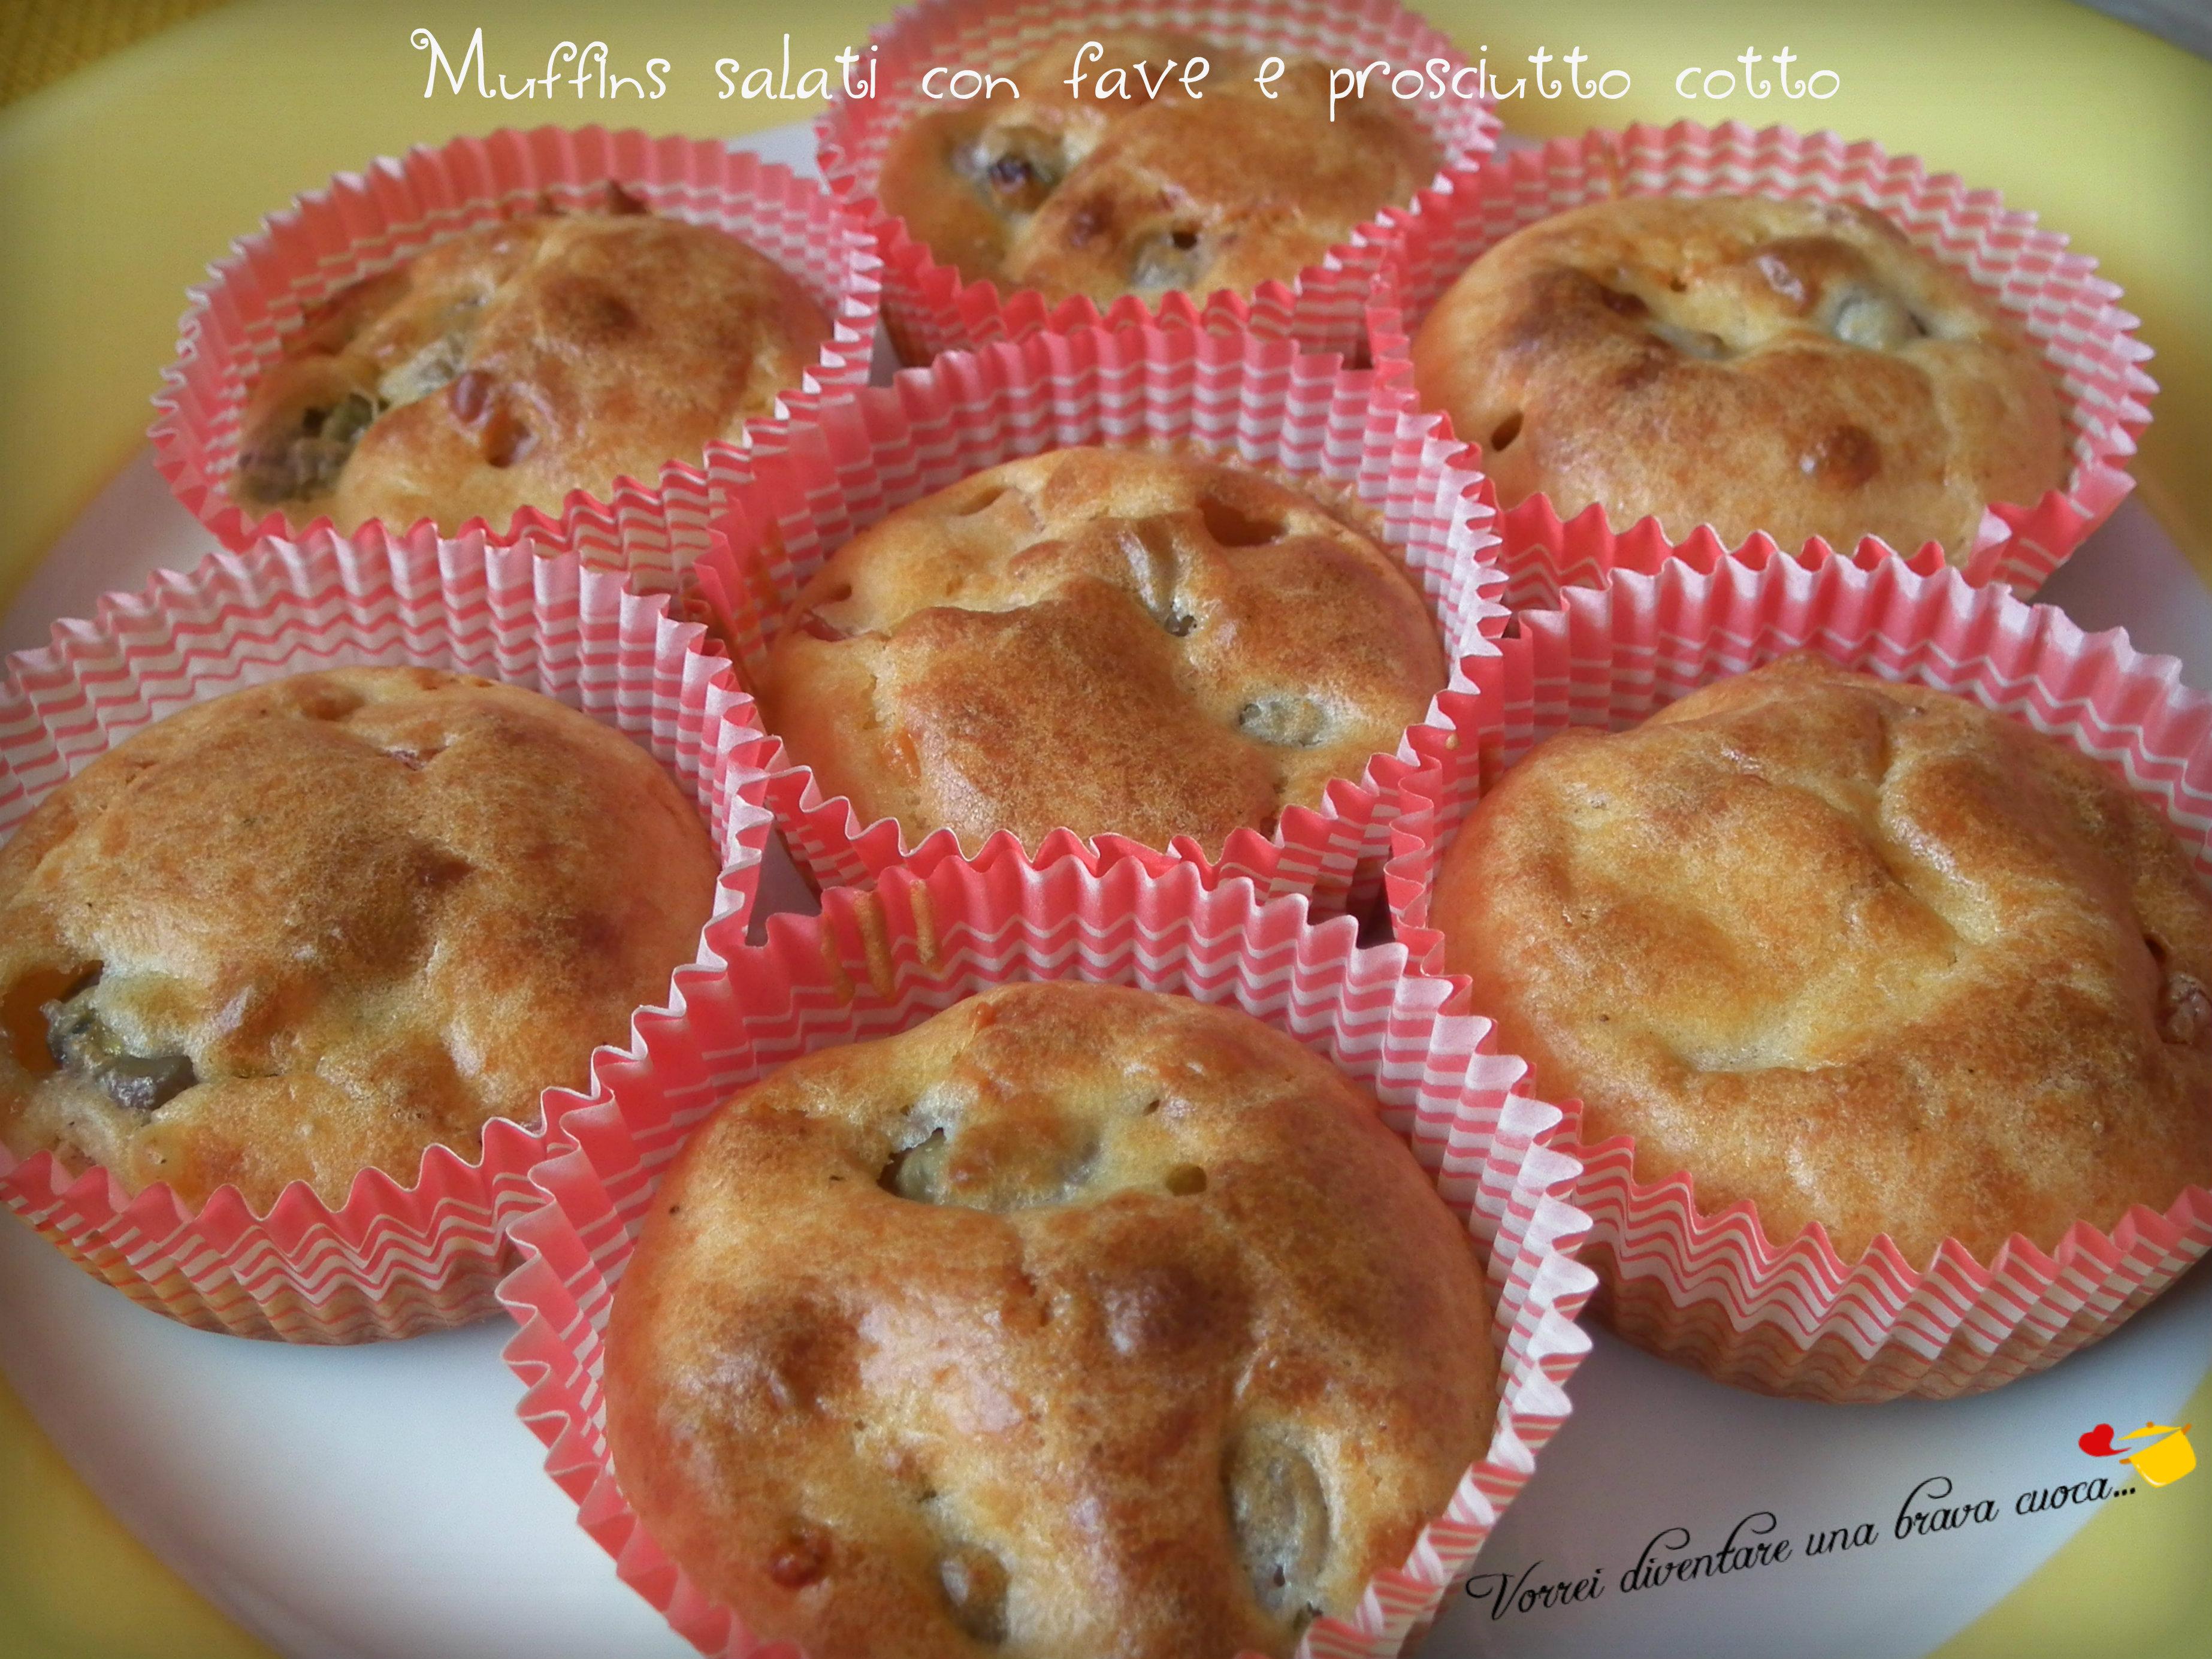 Muffins salati con fave e prosciutto cotto